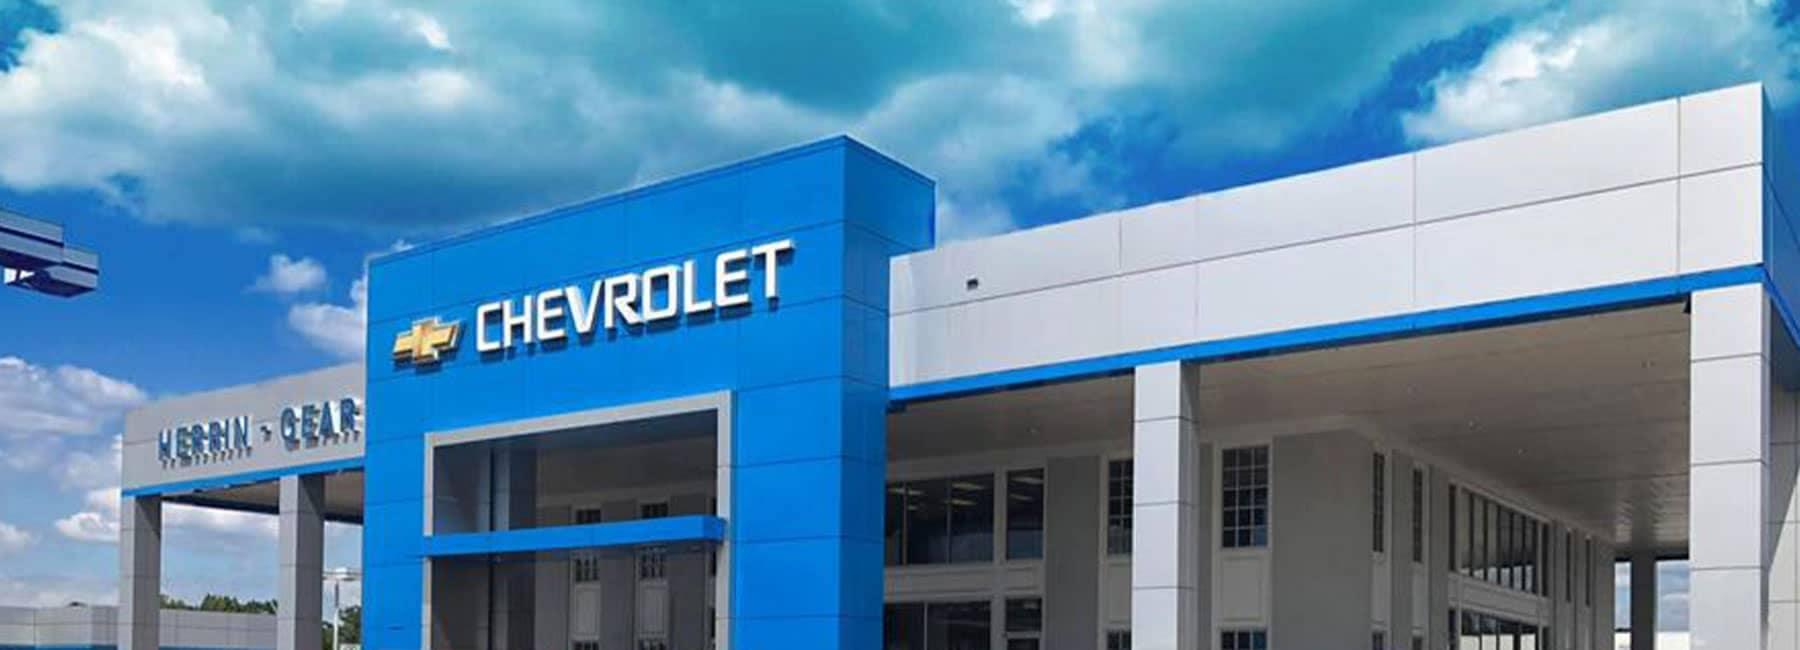 Herrin-Gear Chevrolet Storefront